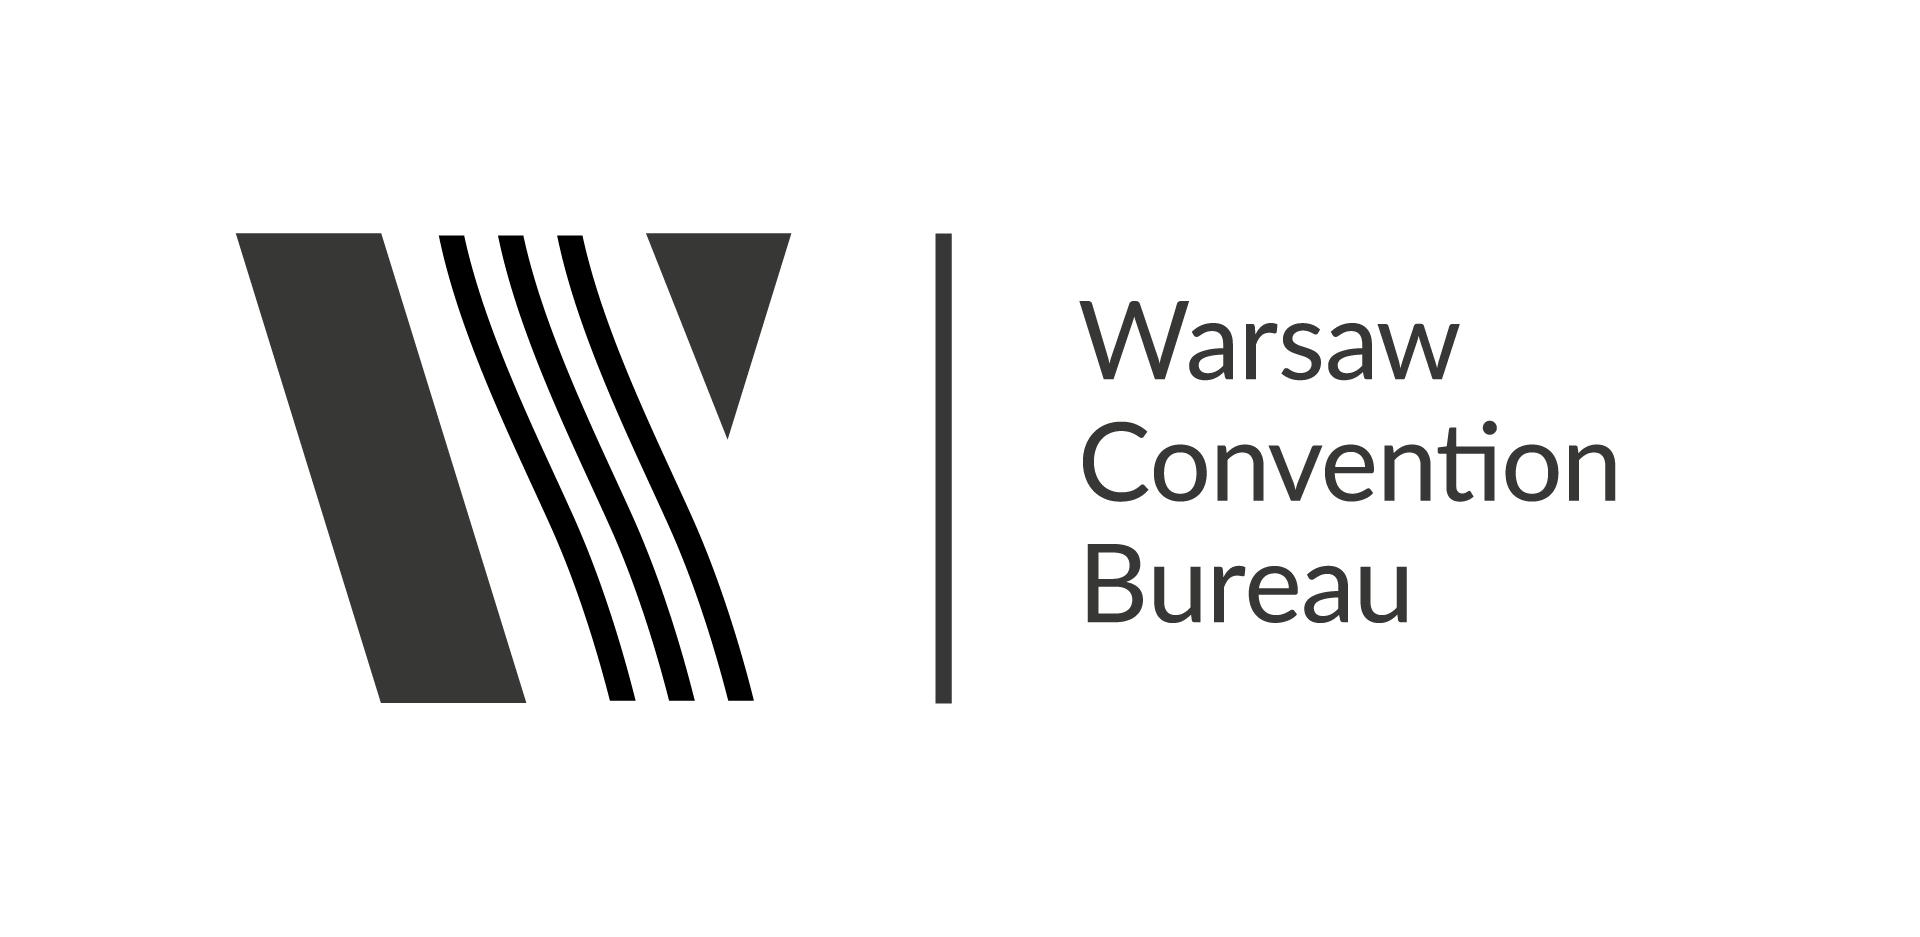 Warsaw Convention Bureau